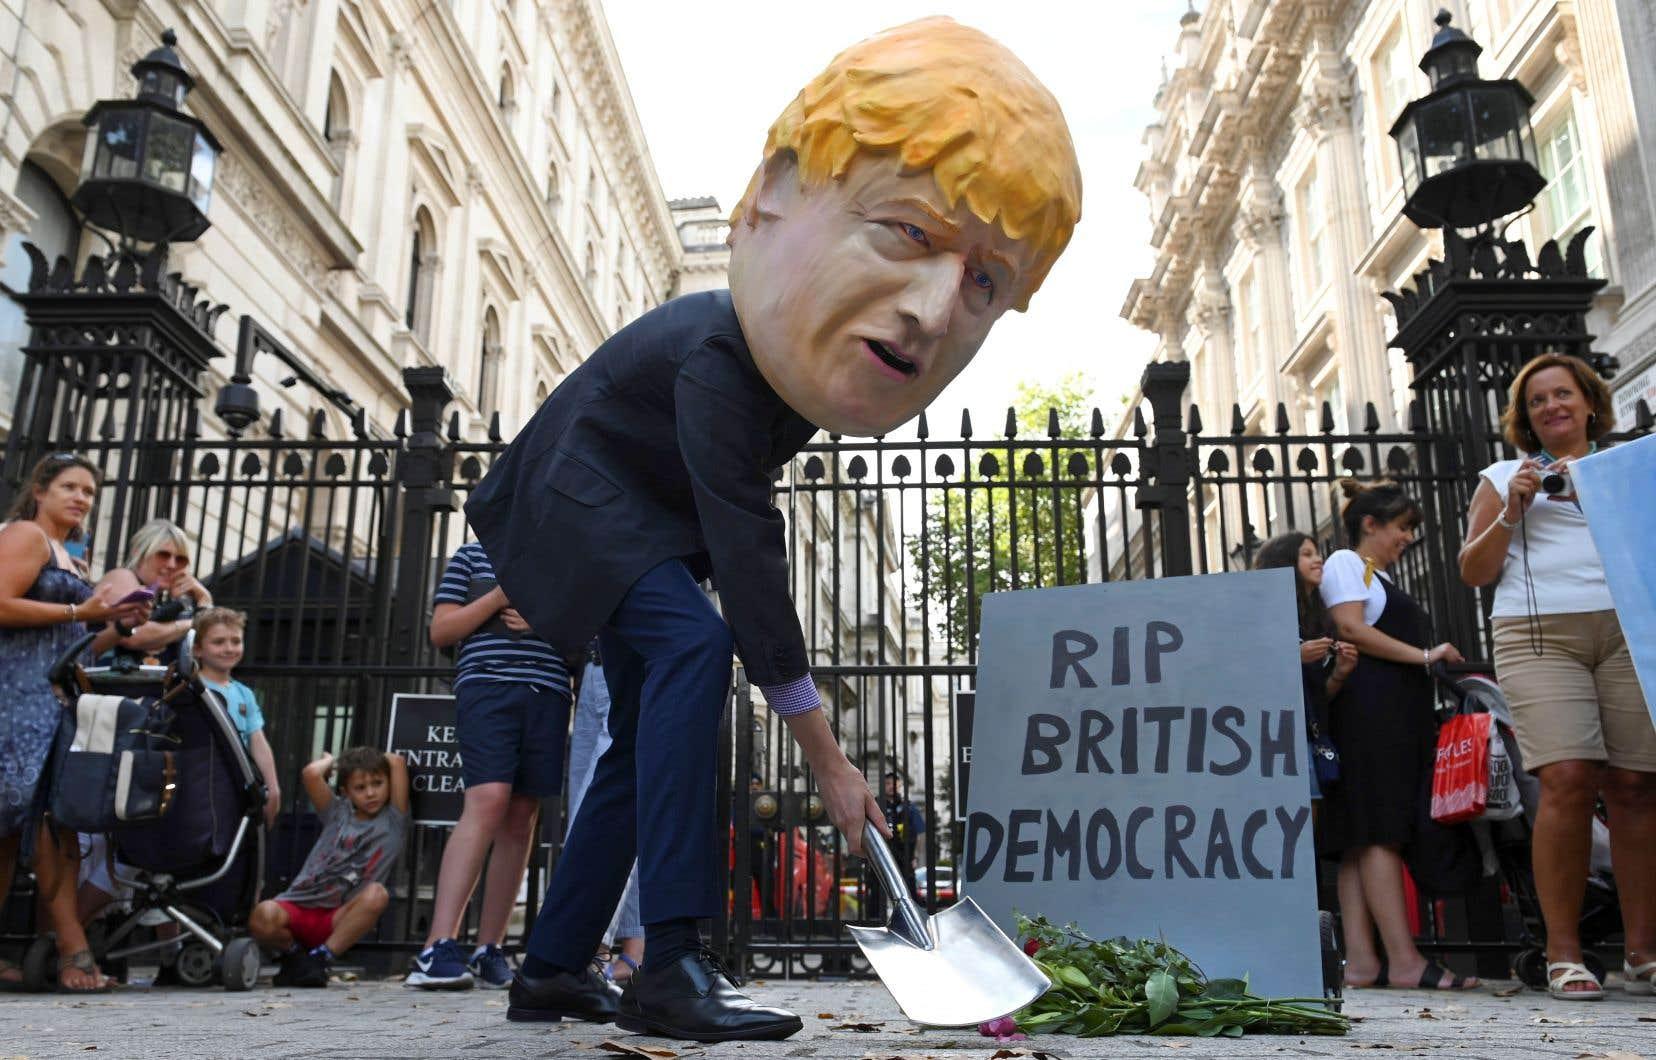 Le premier ministre britannique, Boris Johnson, est critiqué de toutes parts pour sa décision de suspendre les travaux du Parlement pendant cinq semaines, alors que le Royaume-Uni est en pleine impasse sur le Brexit.